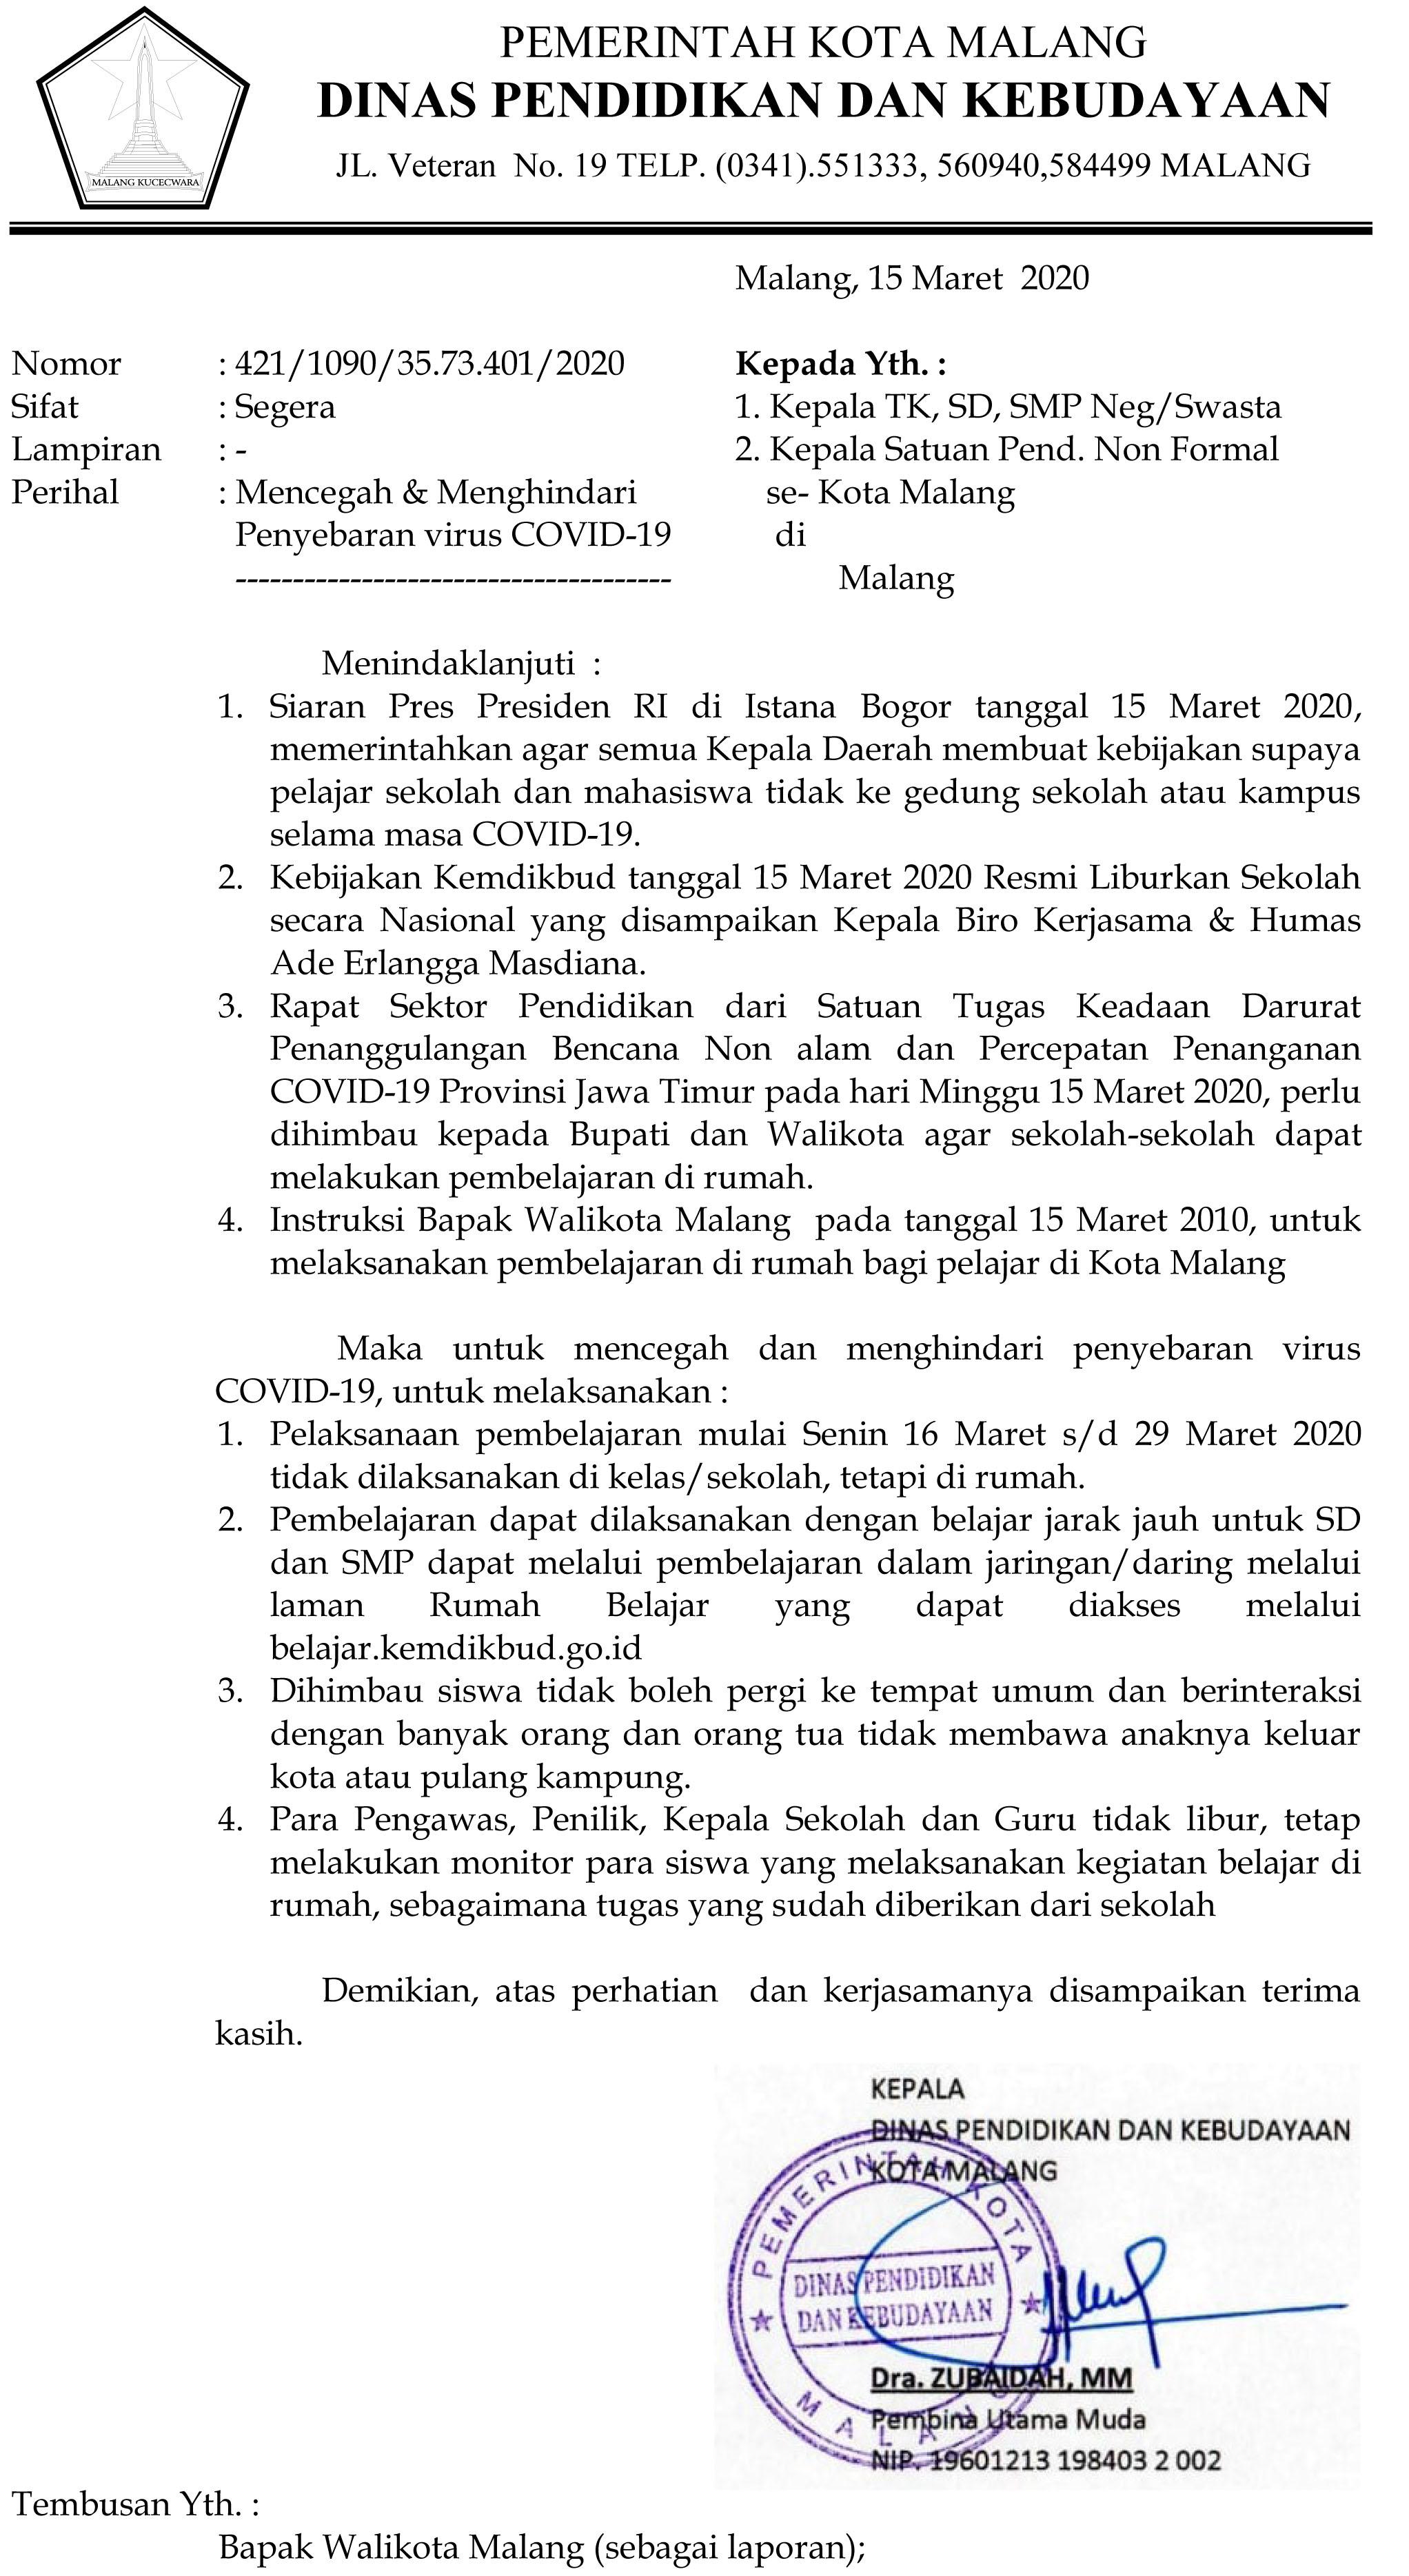 Surat Edaran Libur Antisipasi Penyebaran Virus COrona